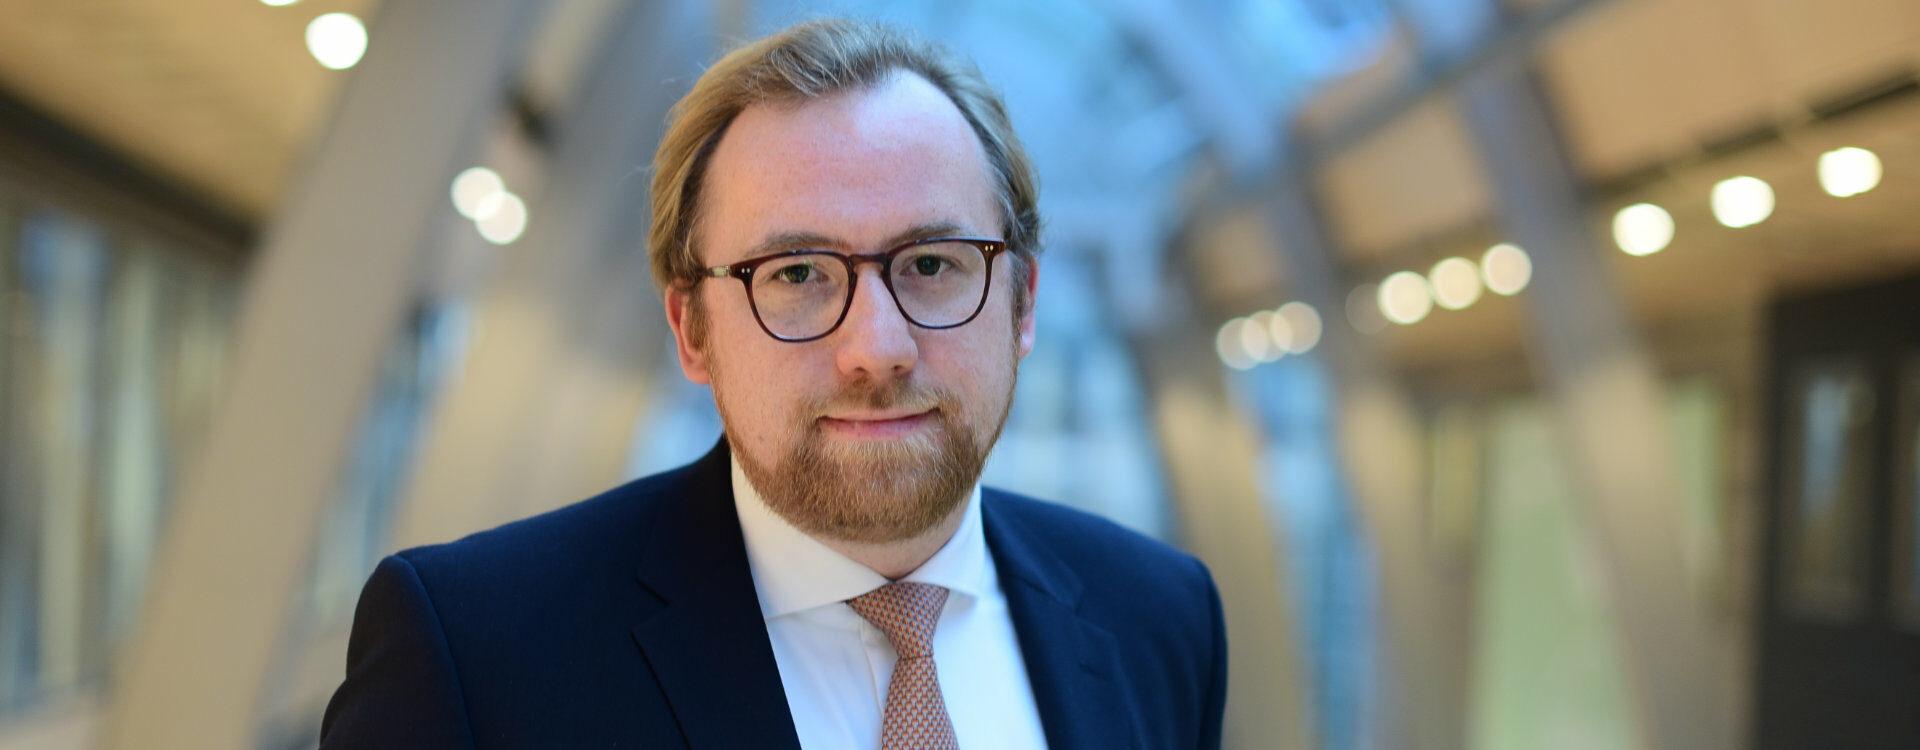 Rechtsanwalt Maximilian Hänle: Kanzlei für Strafrecht und Wirtschaftsstrafrecht Hamburg